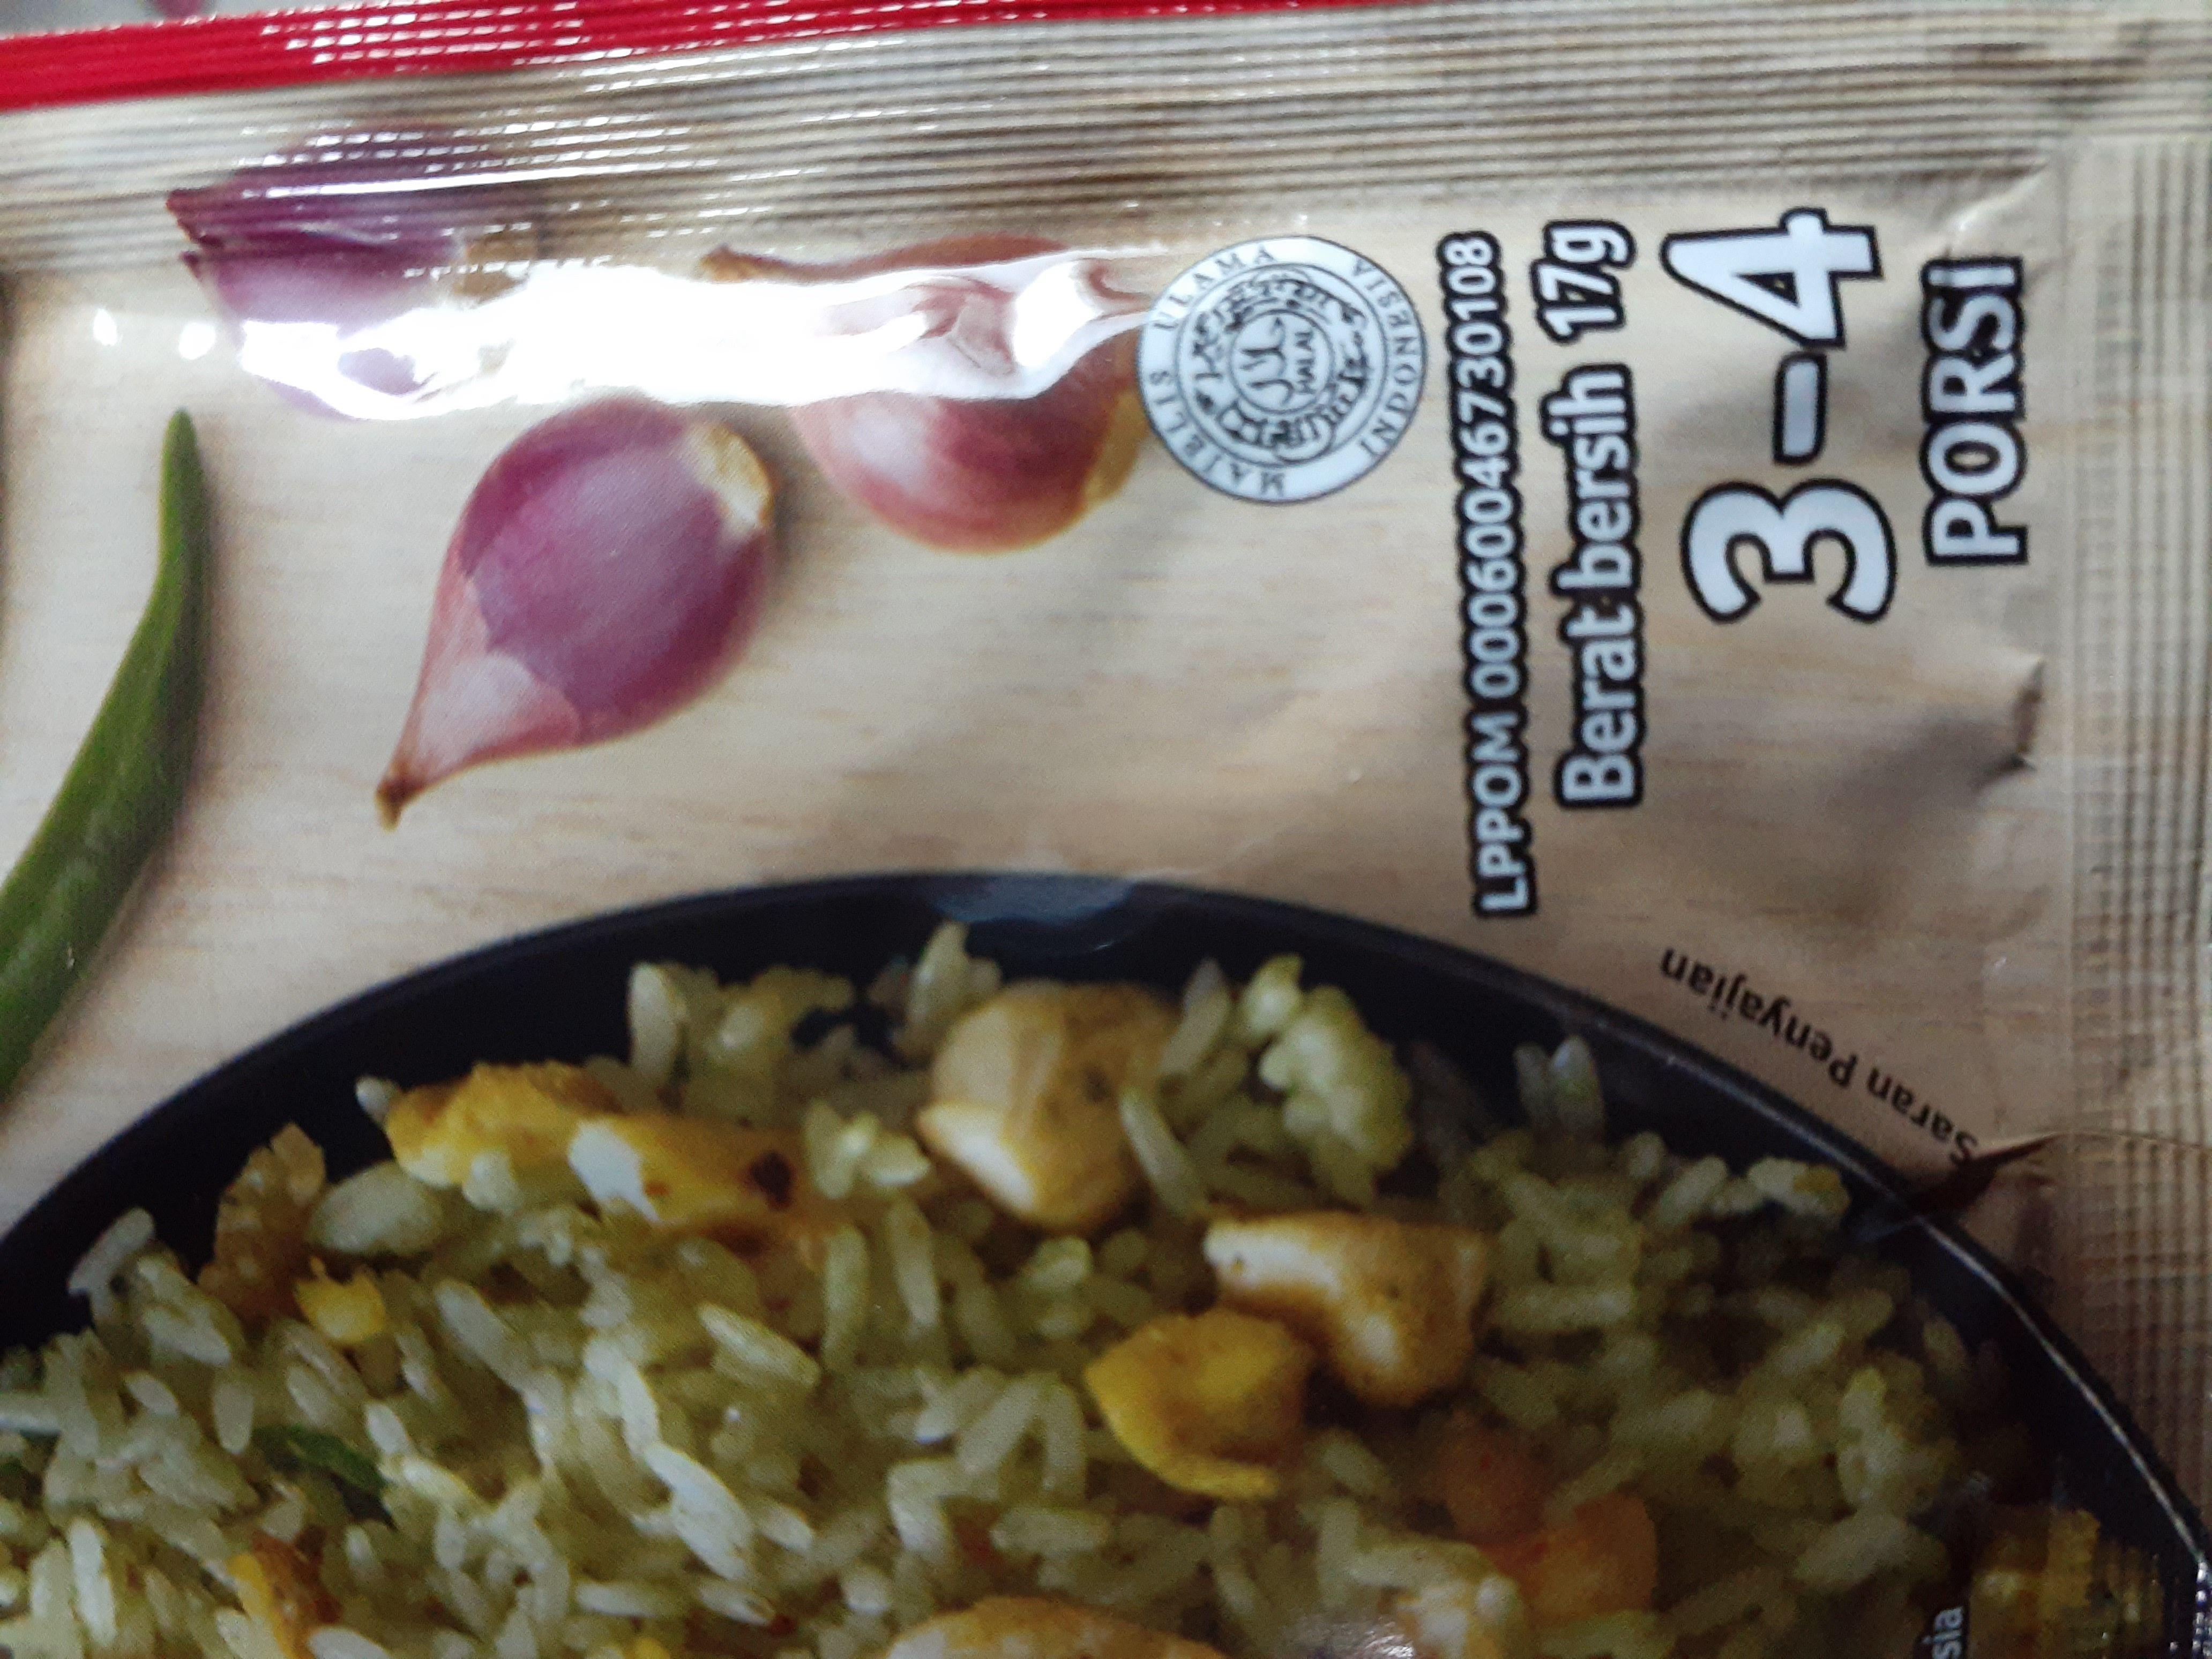 gambar review ke-4 untuk Royco Nasi Goreng Cabe Hijau